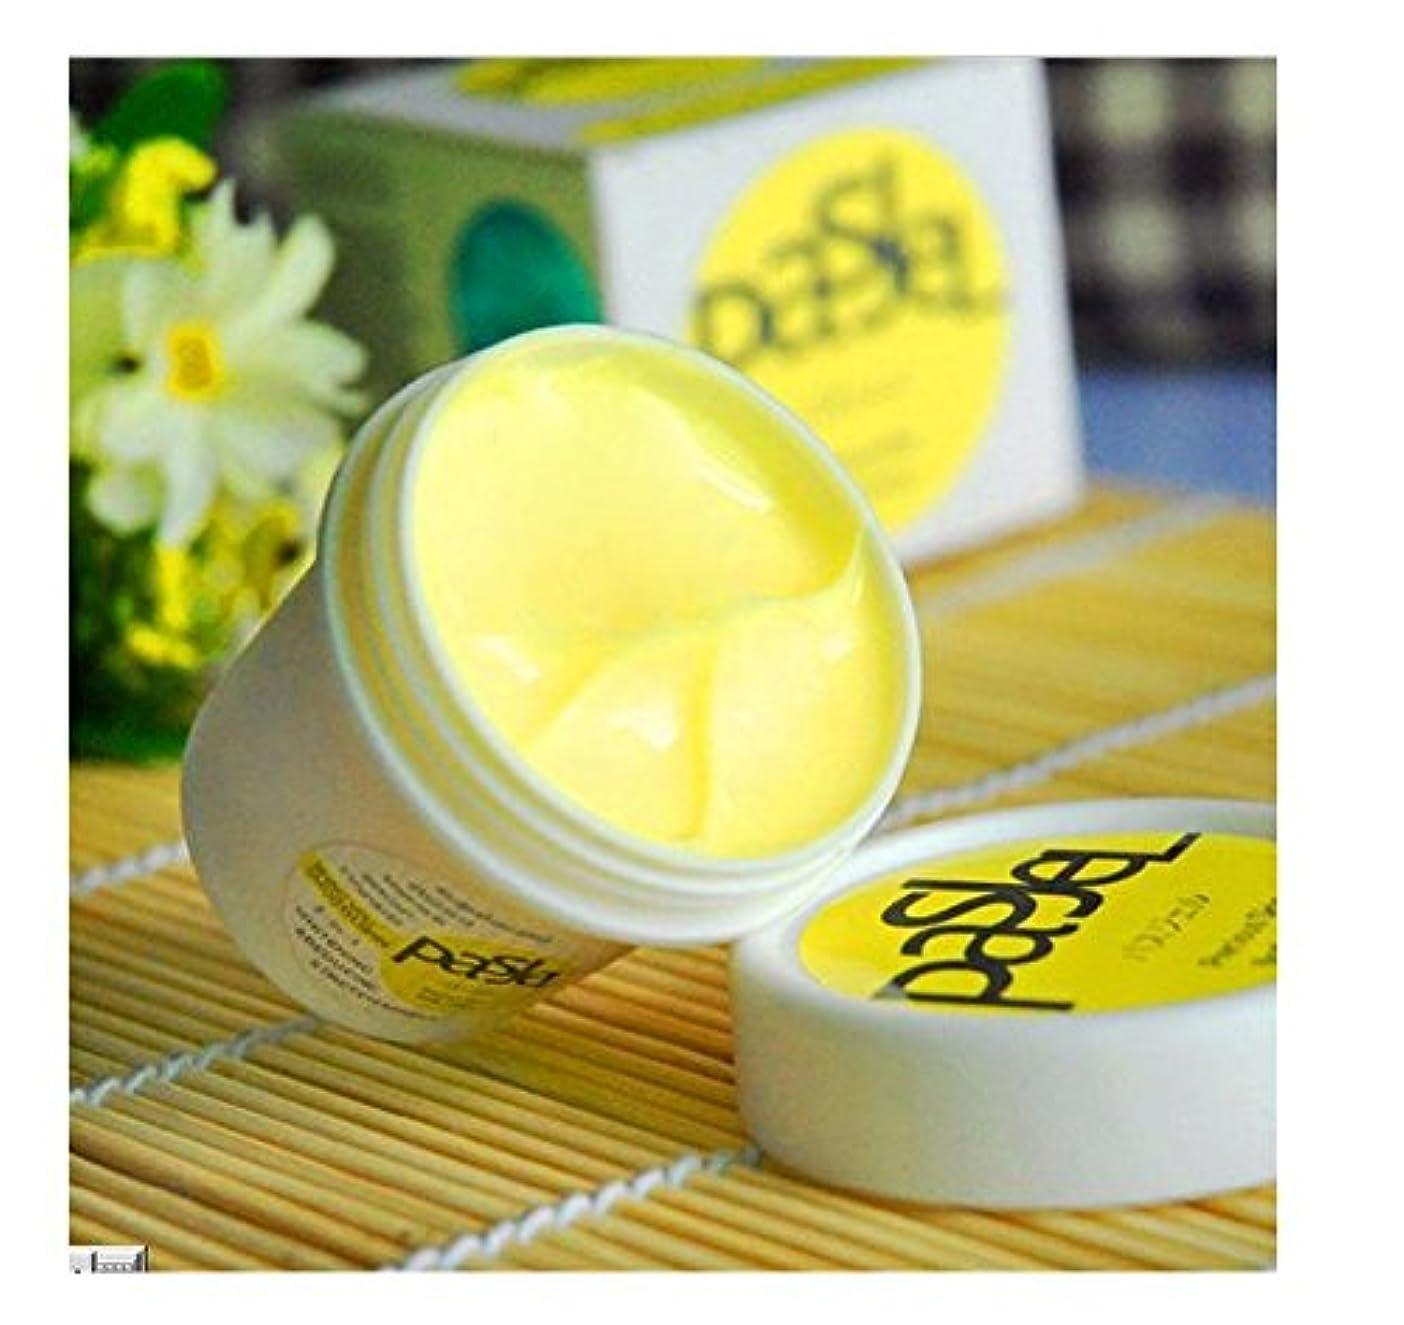 週間一般くしゃくしゃPasjel Precious Skin Body Cream Eliminate Stretch Mark for Whitening Skin 50 Ml by Pasjel [並行輸入品]